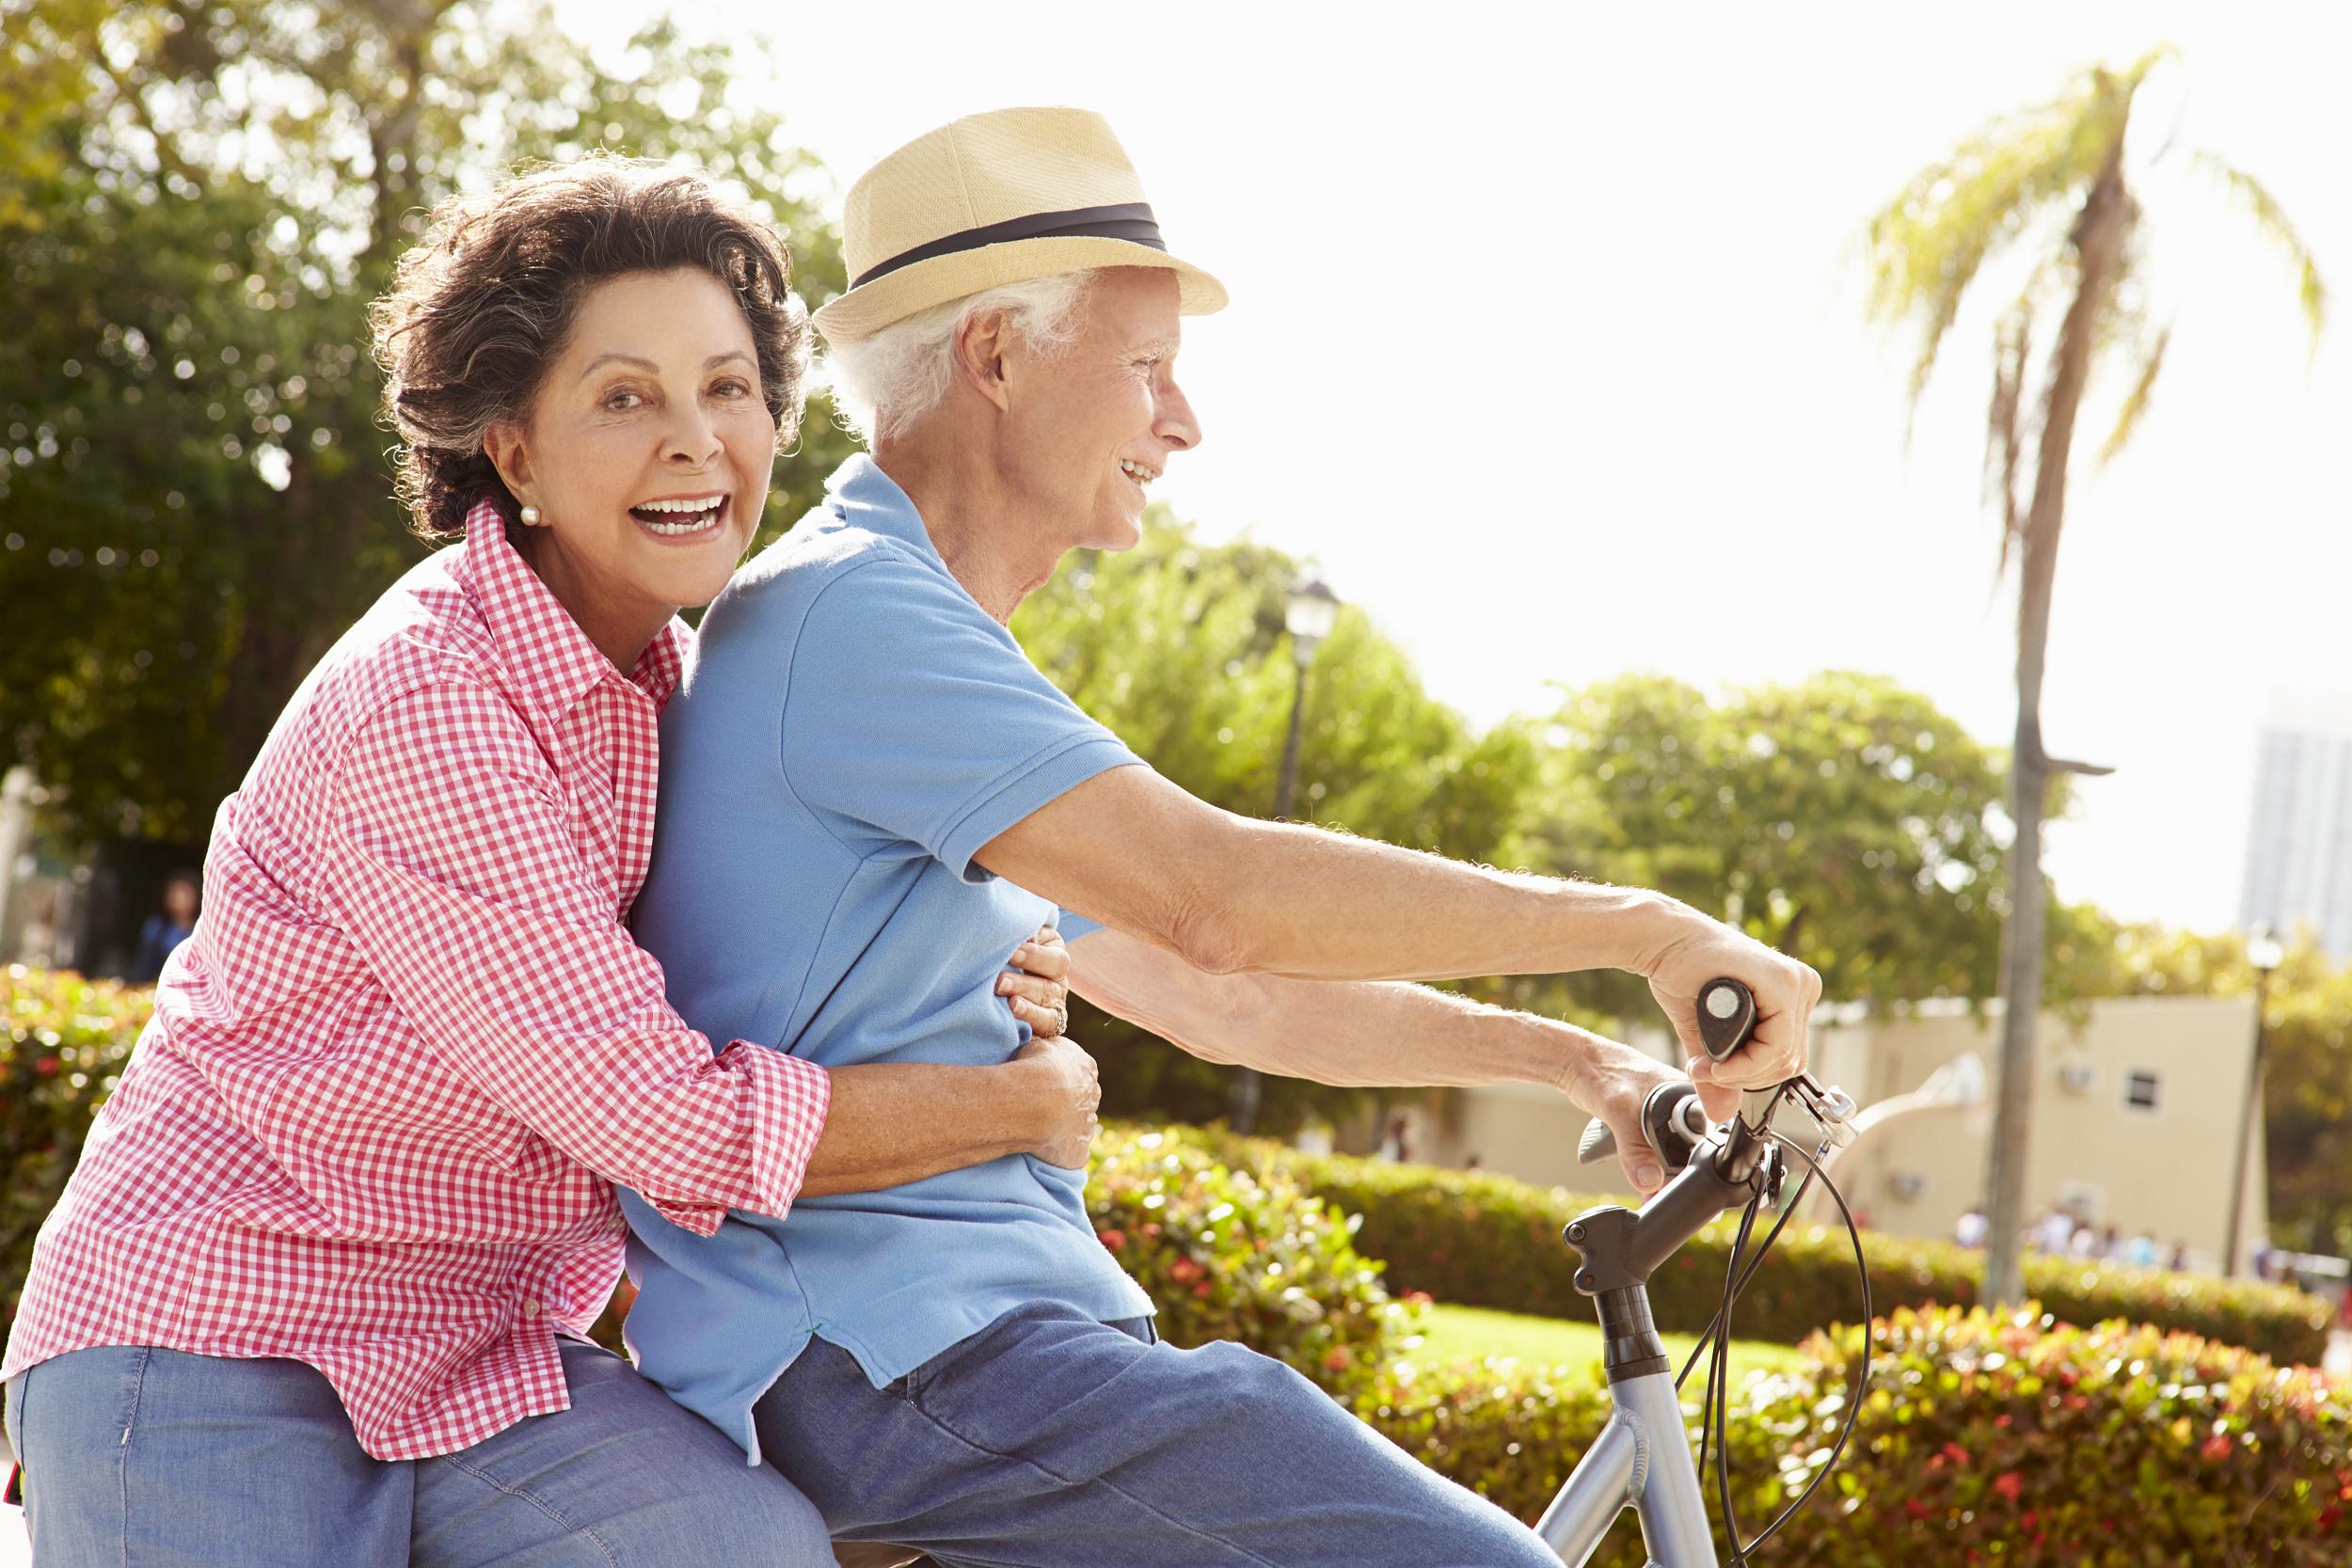 平均寿命世界前列的西班牙人告诉你,健康活到百岁并非不可能!